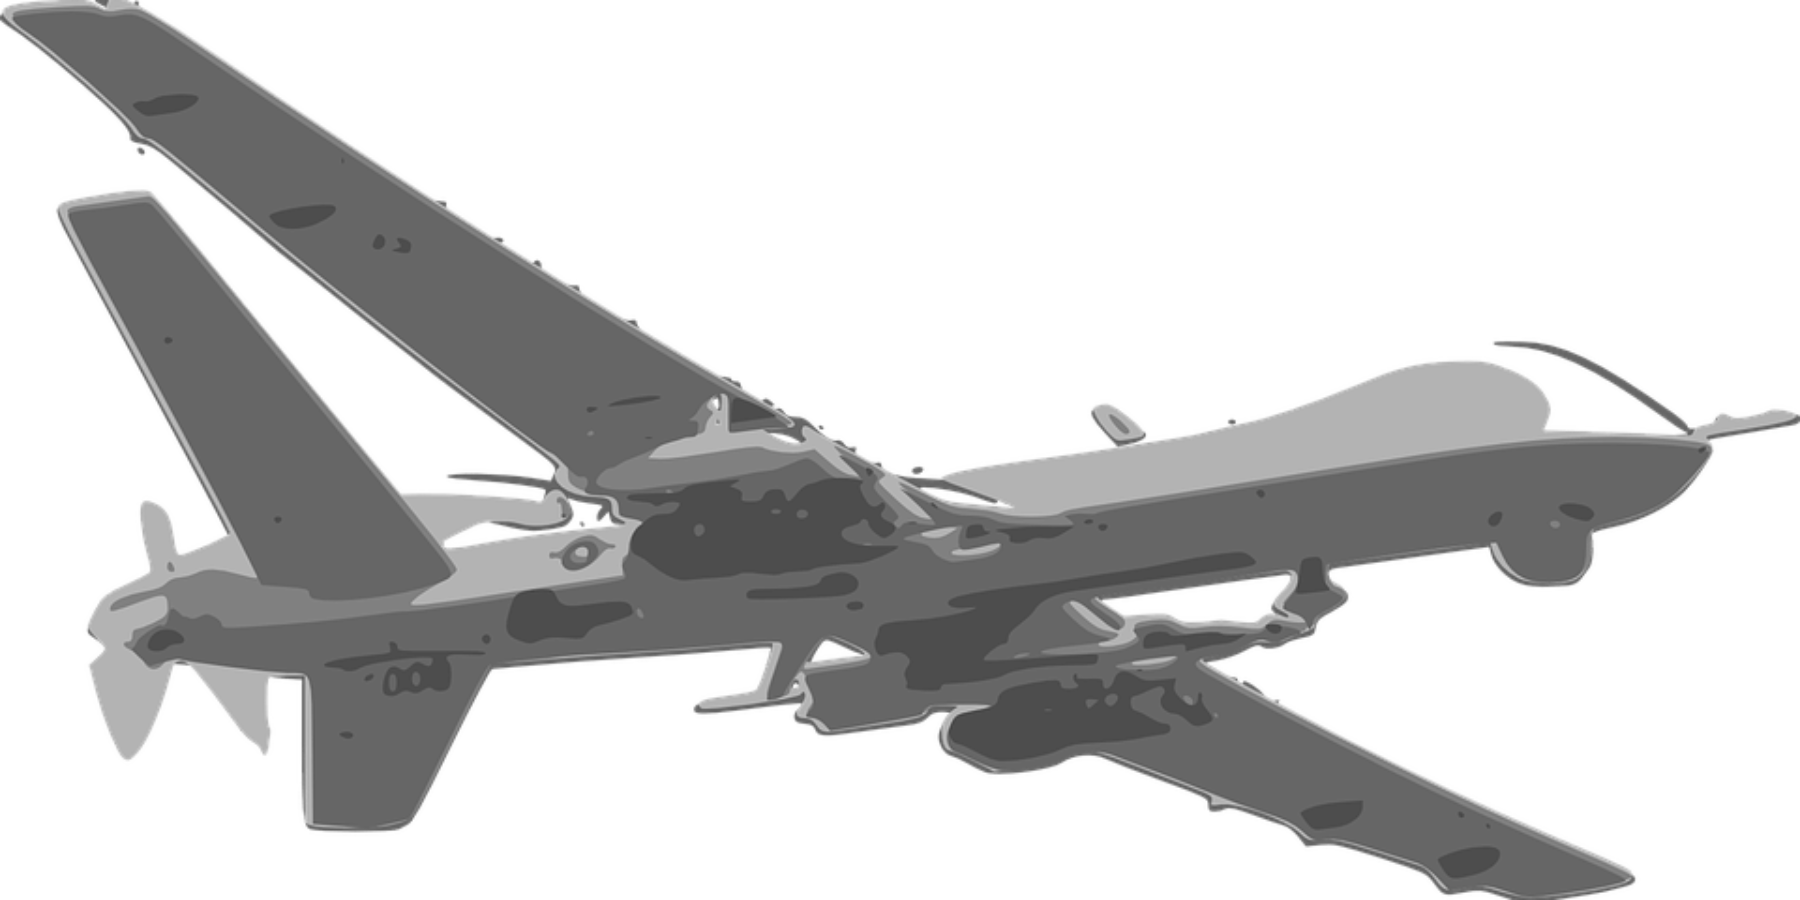 Drony, czyli wjaki sposób prowadzi się wojnę wobcych krajach zza biurka.